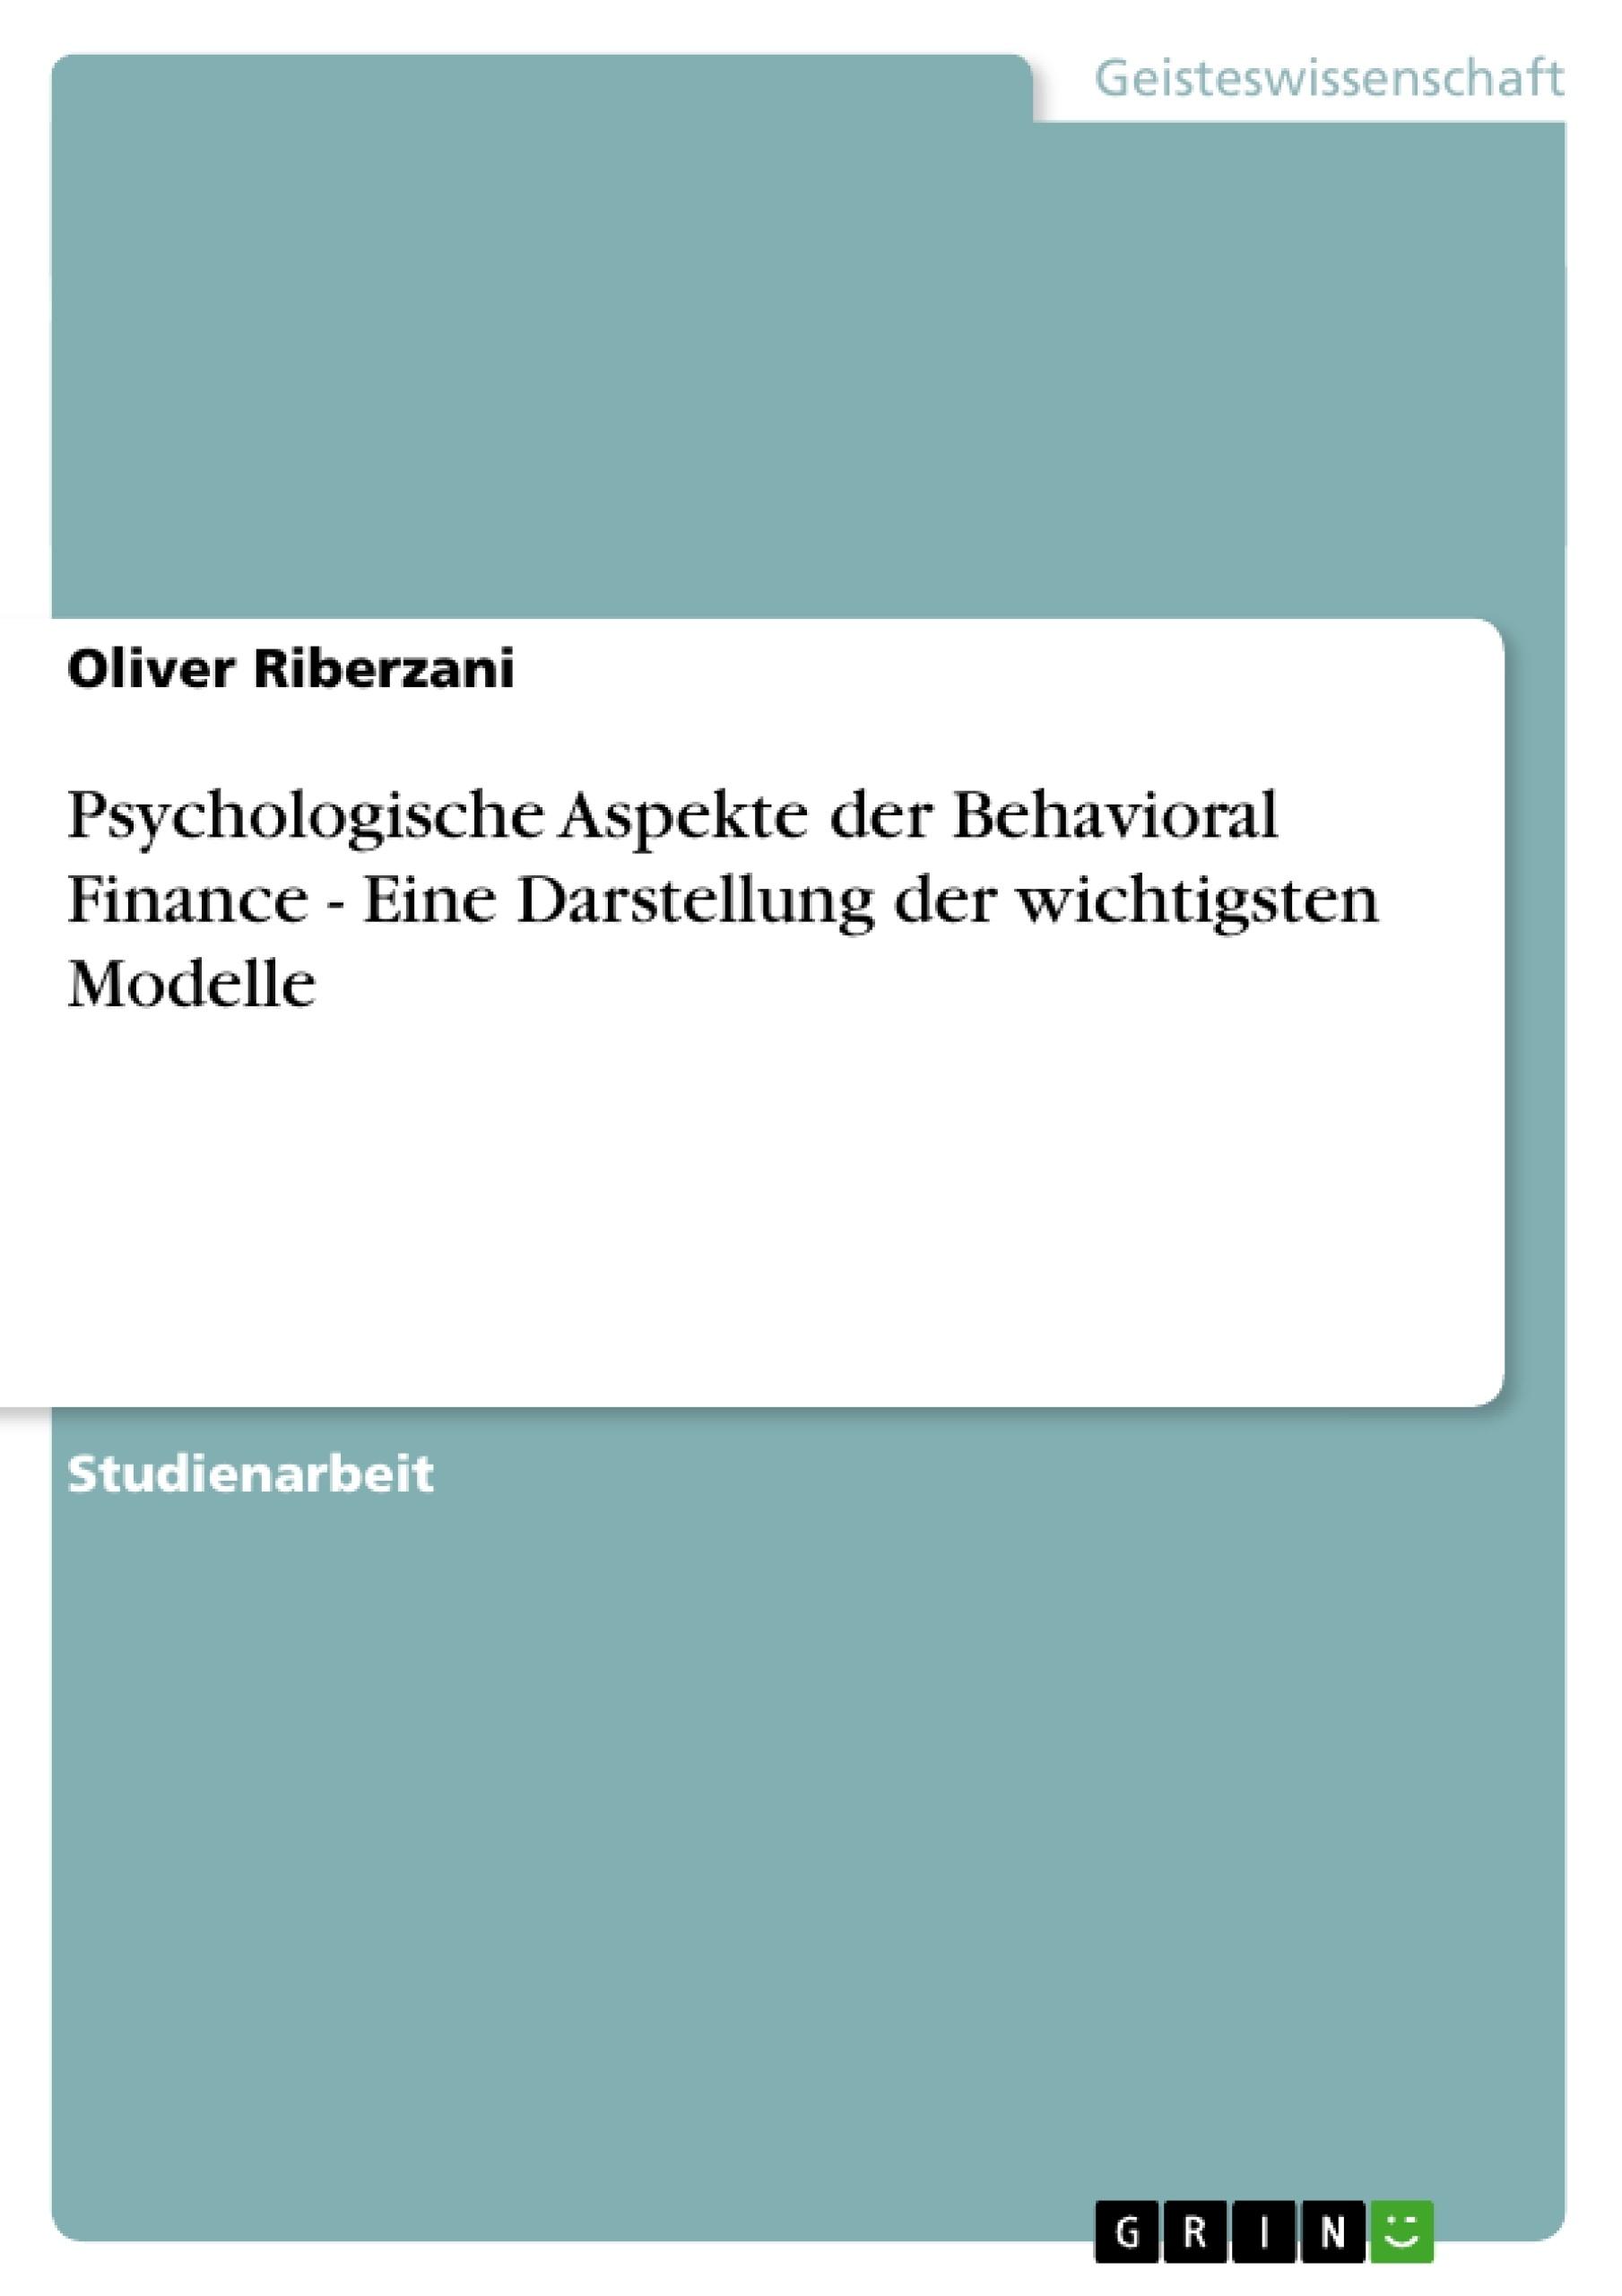 Titel: Psychologische Aspekte der Behavioral Finance - Eine Darstellung der wichtigsten Modelle